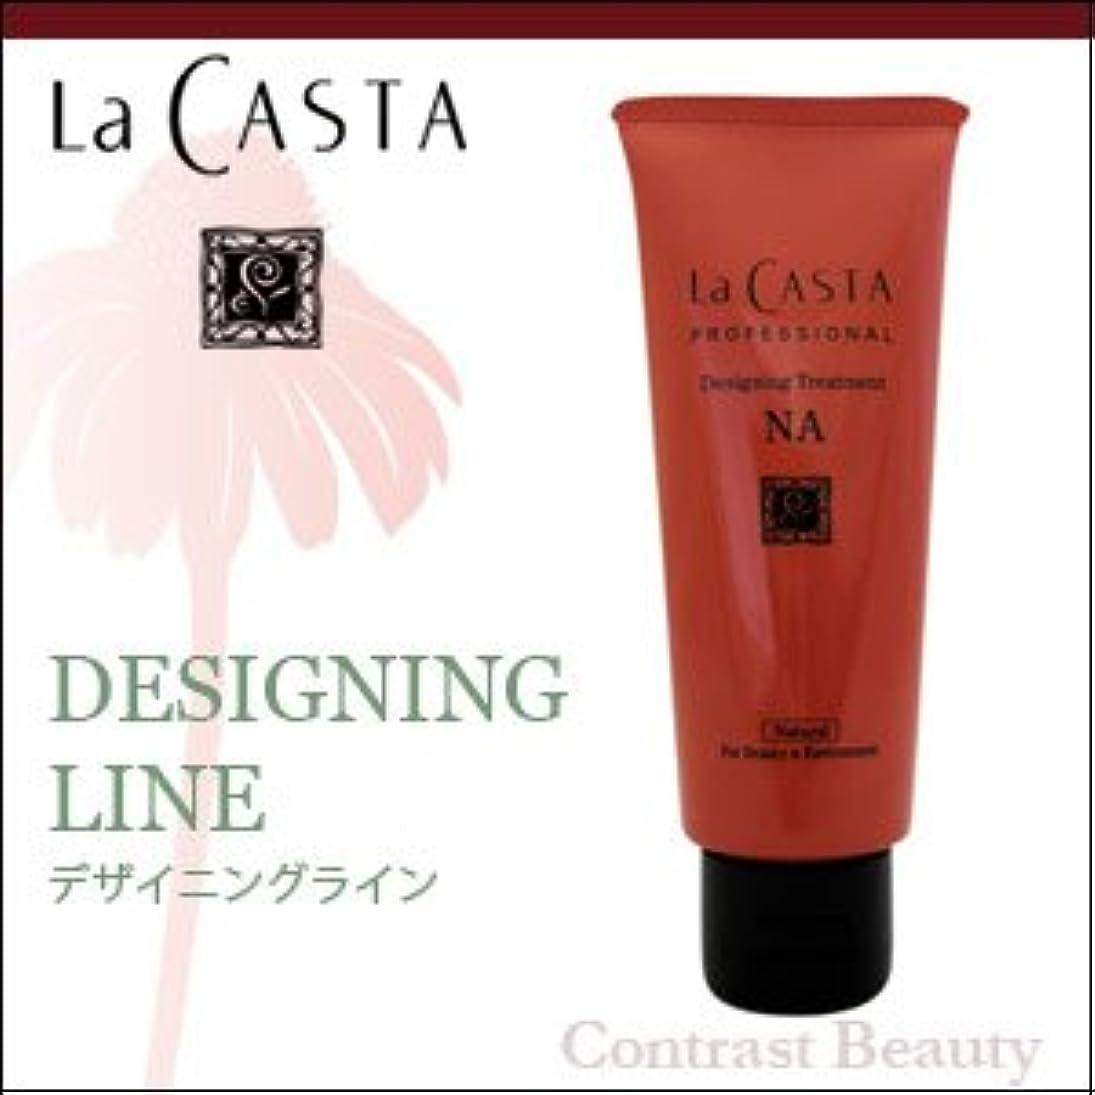 クレーター中毒間違い【ラ カスタ プロフェッショナル】デザイニング トリートメントNA 105g